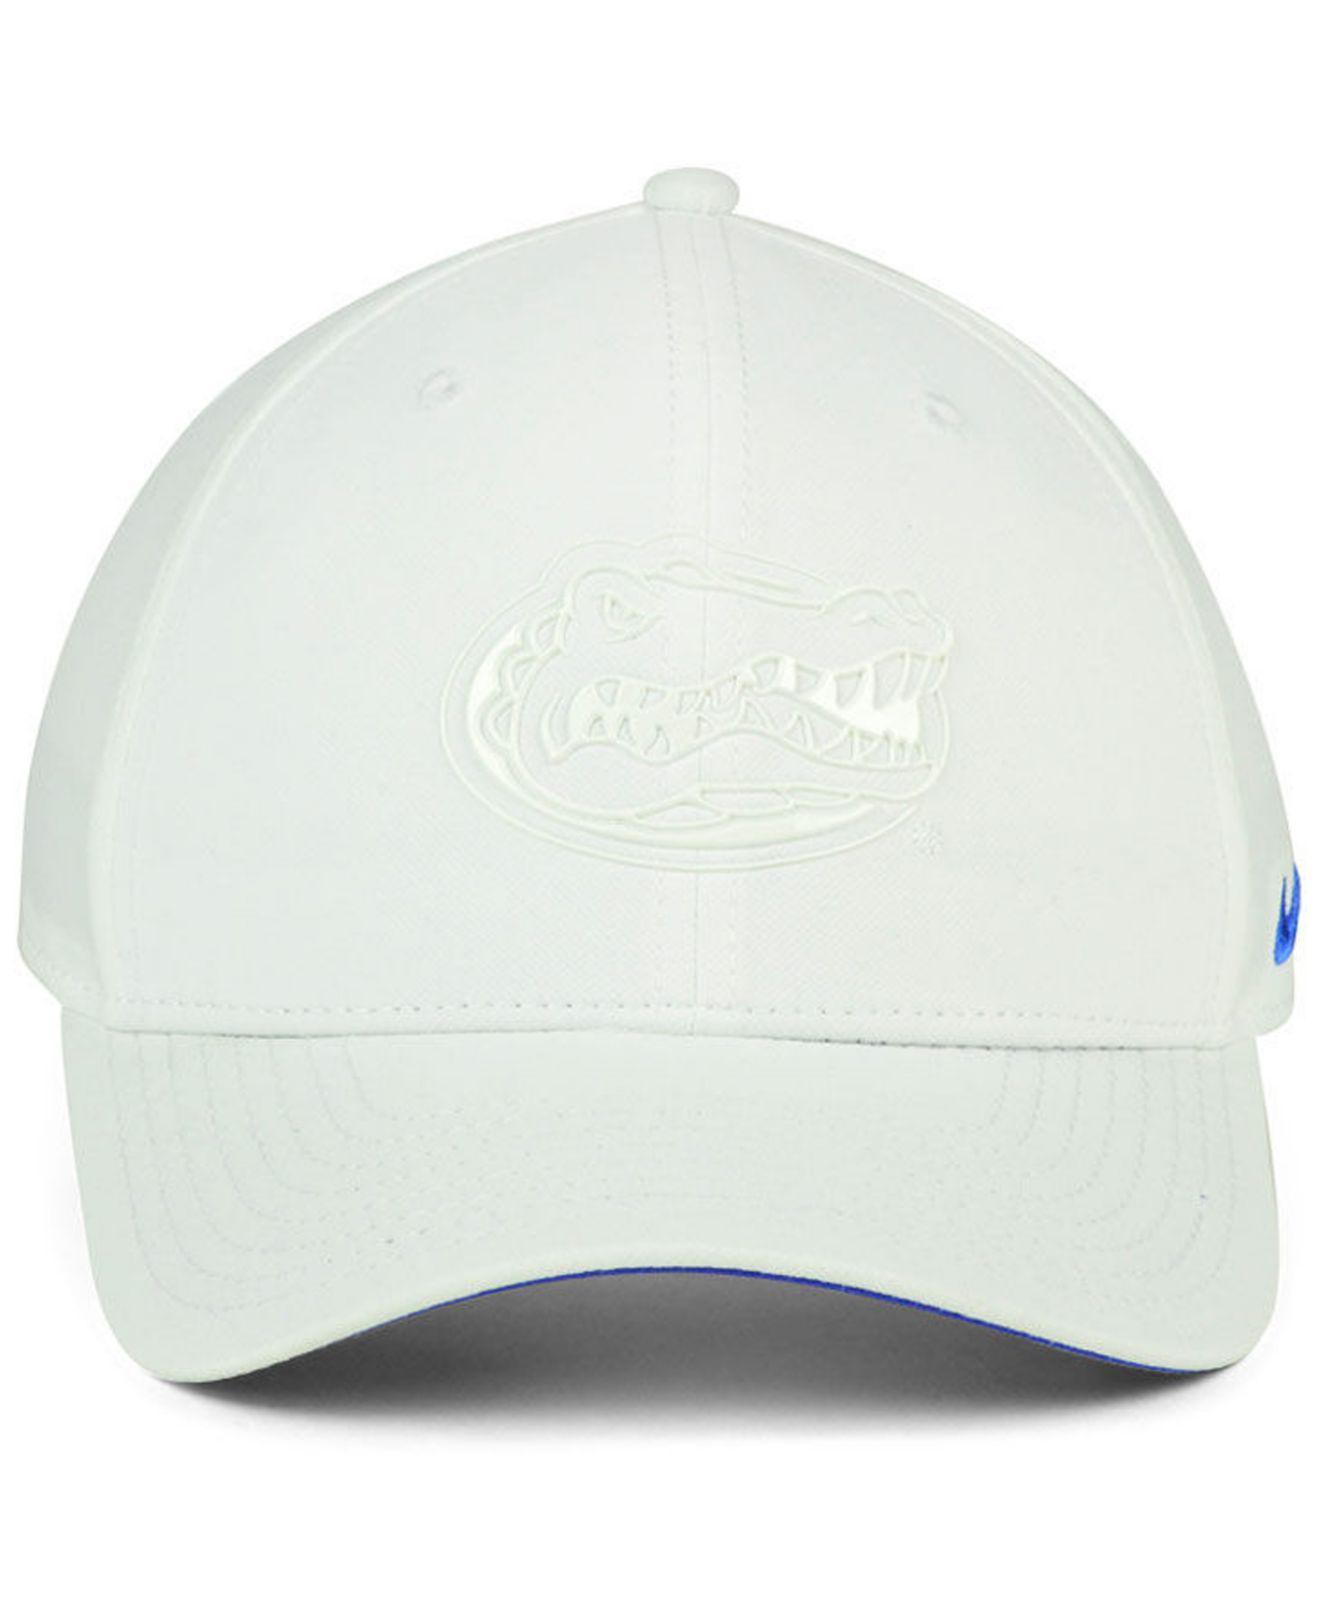 7e685af7847 ... swooshflex cap 65a60 a8751  amazon lyst nike florida gators col cap in  white for men 6afcd 93c5f